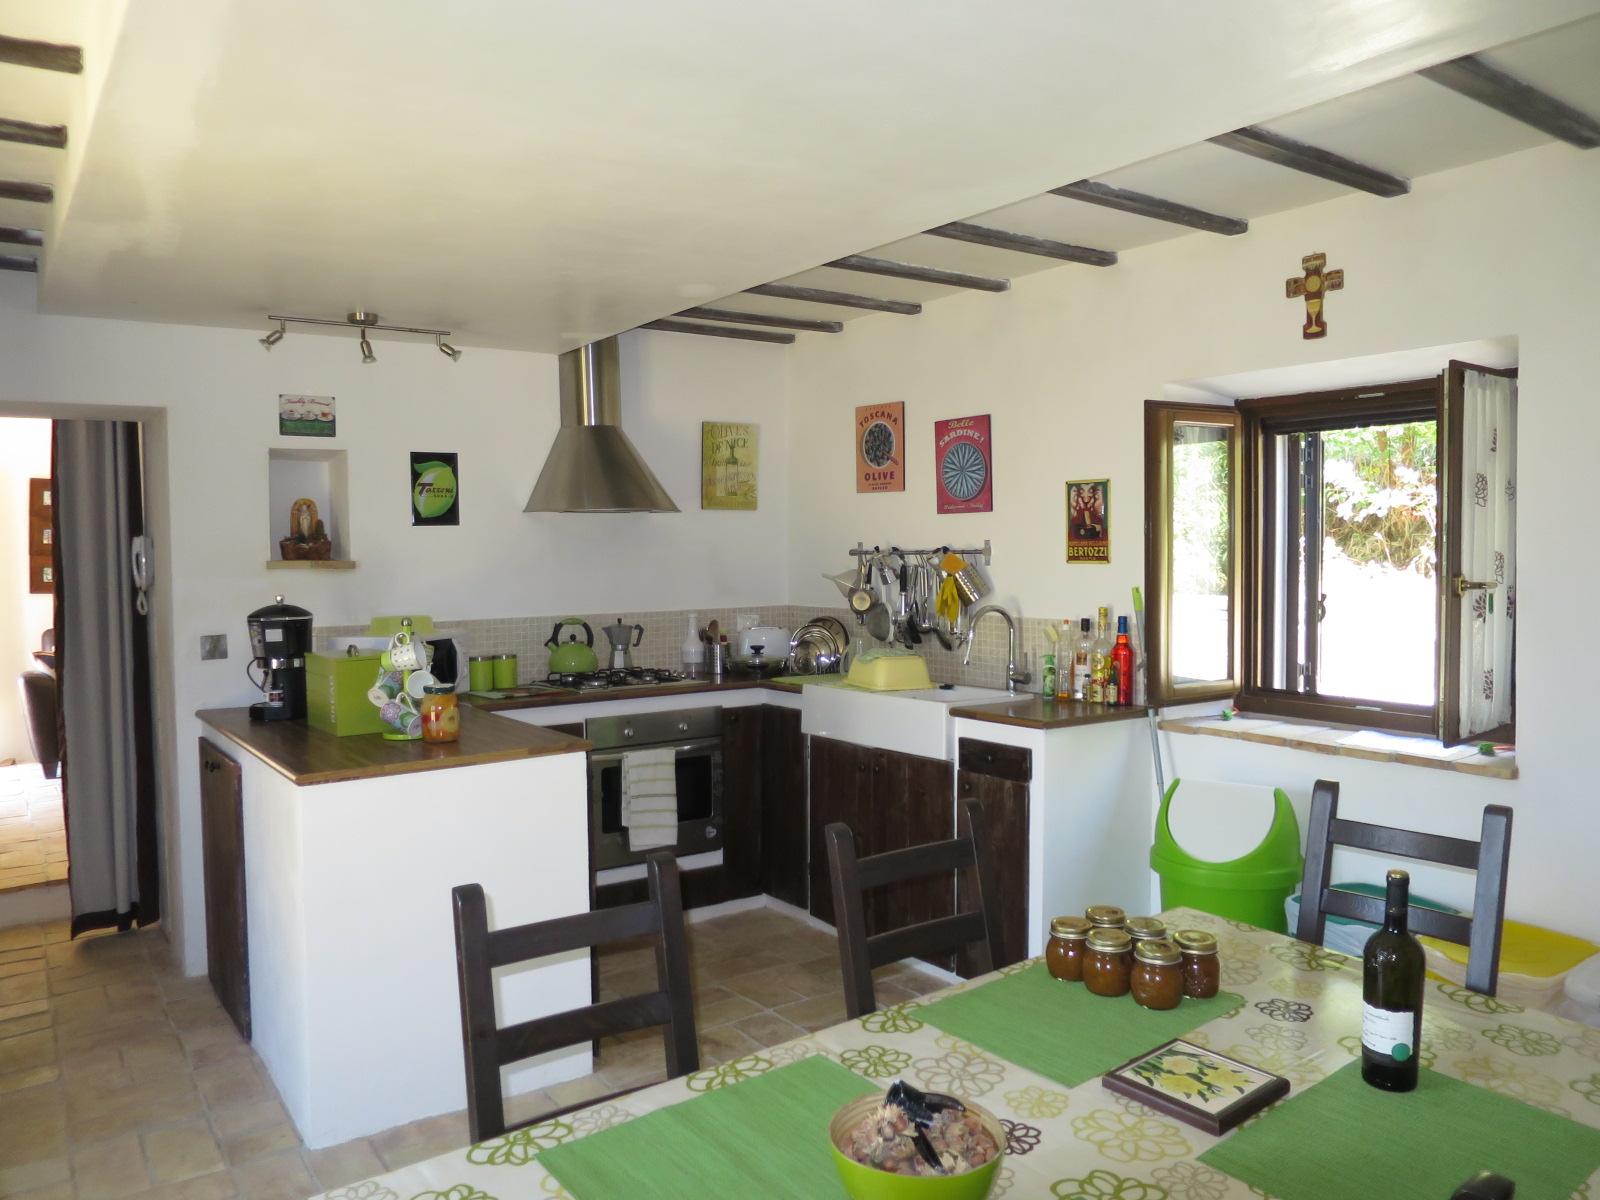 Casa di campagna Casa di campagna in vendita Montefino (TE), Casa Collina - Montefino - EUR 151.447 290